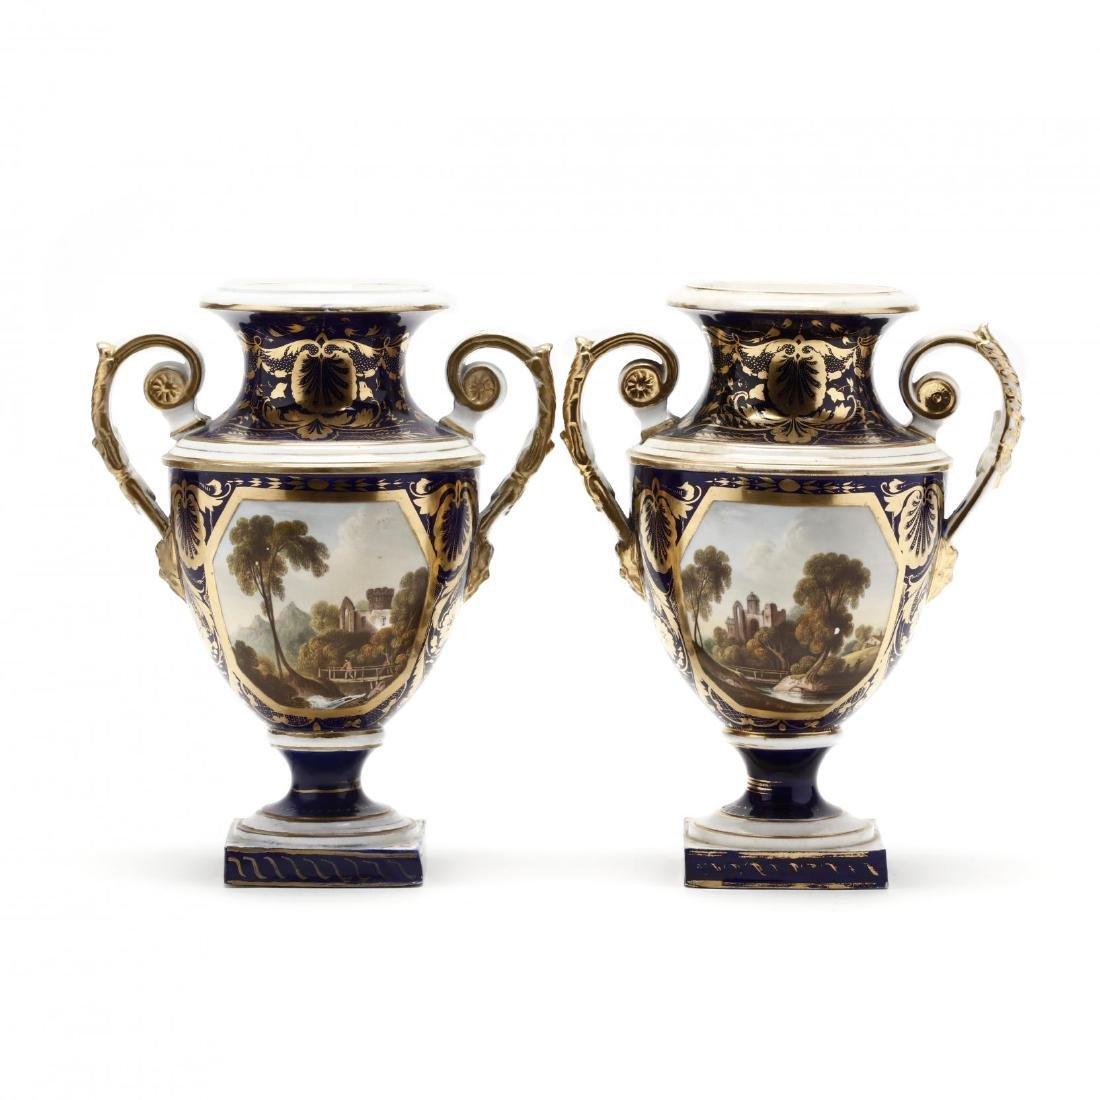 Bloor Derby, Pair of Mantle Urns